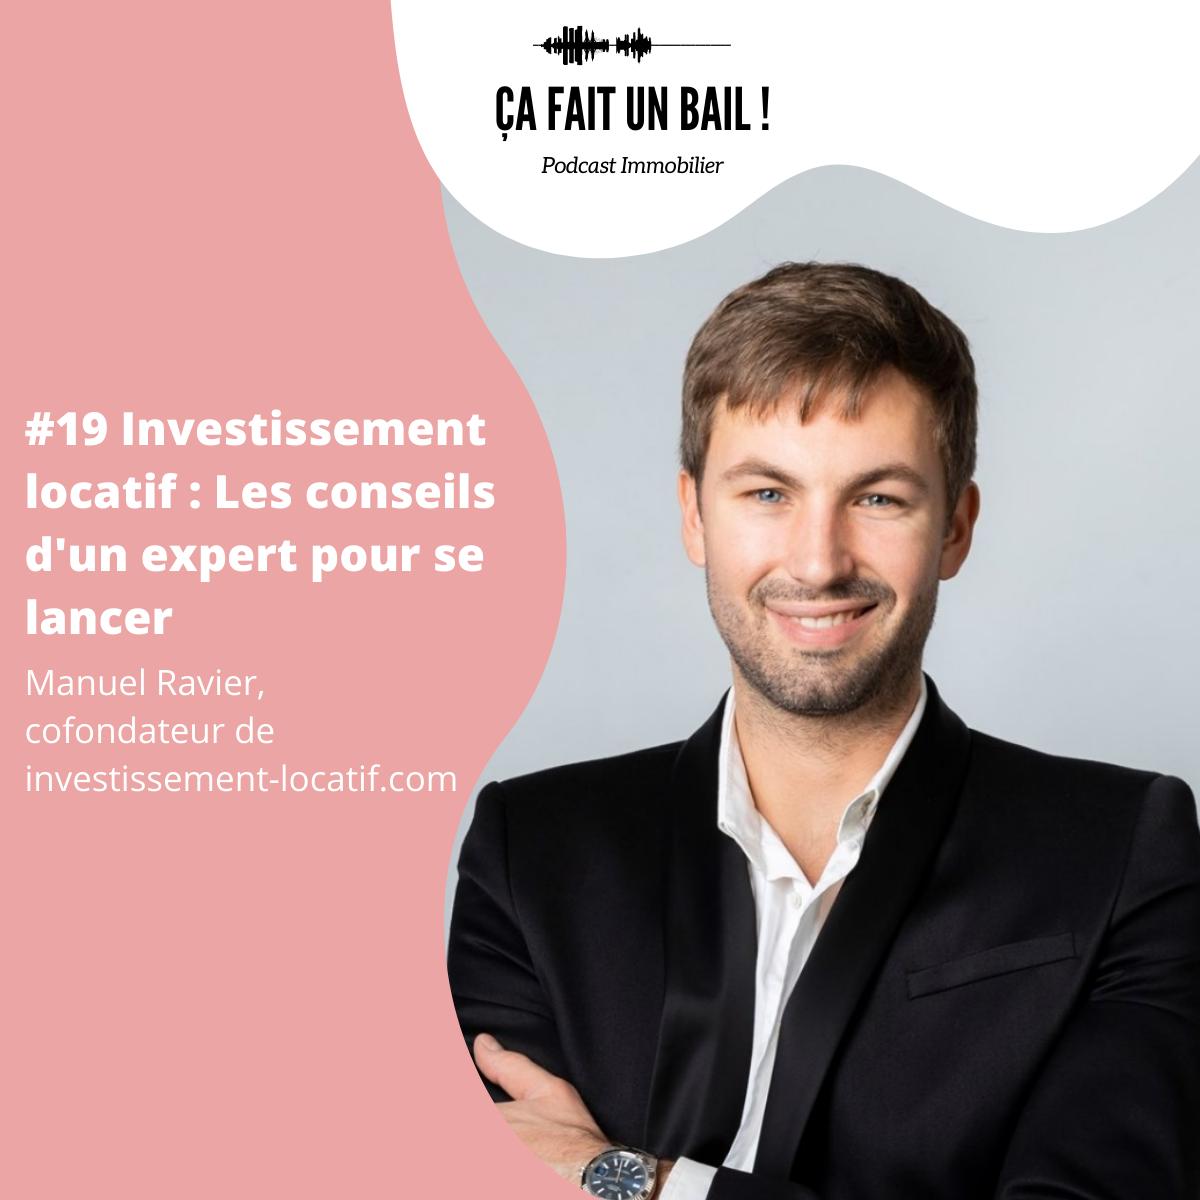 Manuel Ravier Investissement locatif